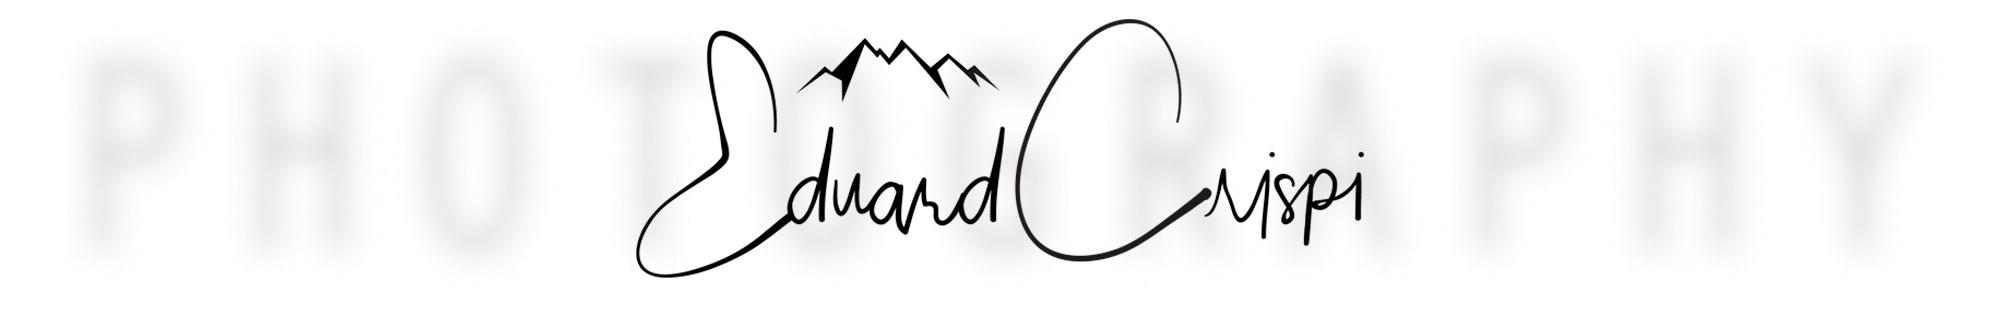 www.eduardcrispi.com